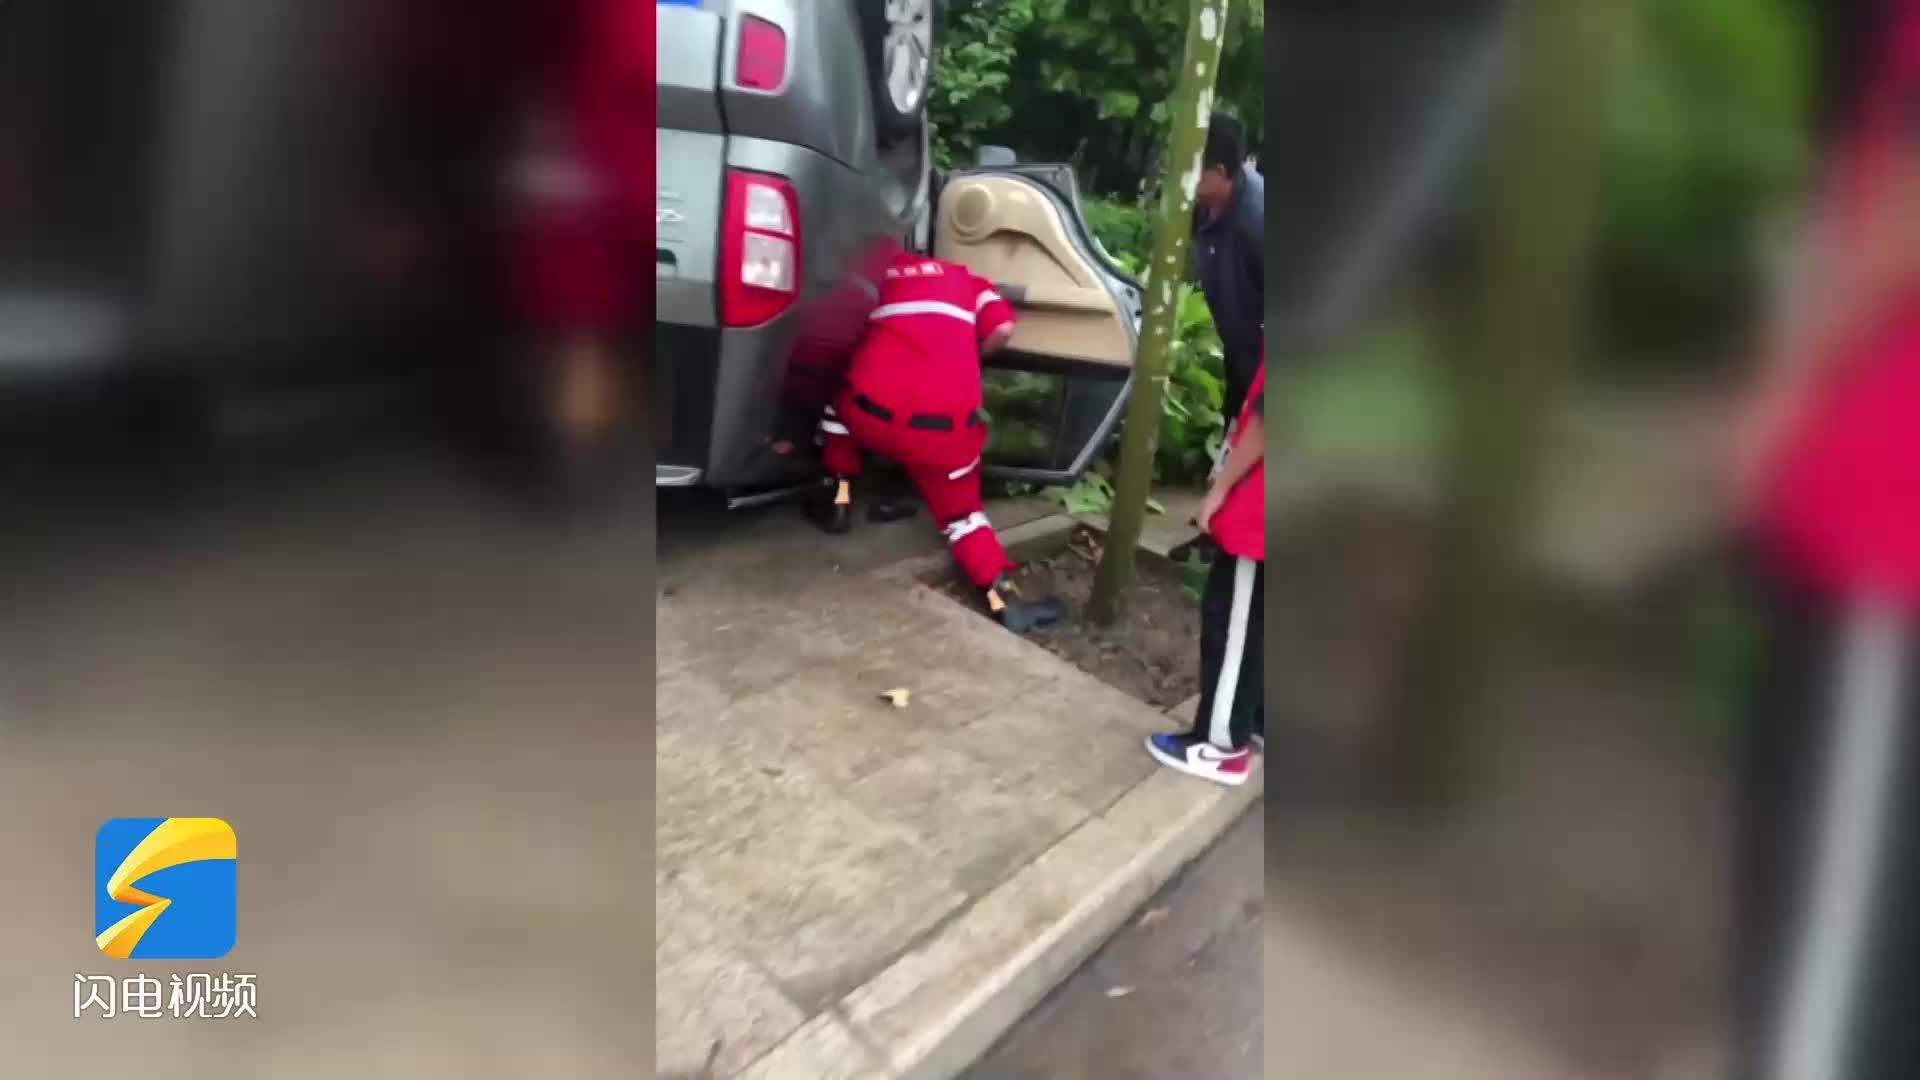 你们奋力救援的样子真帅!潍坊诸城爱心小屋救援队成功救助车辆被困人员